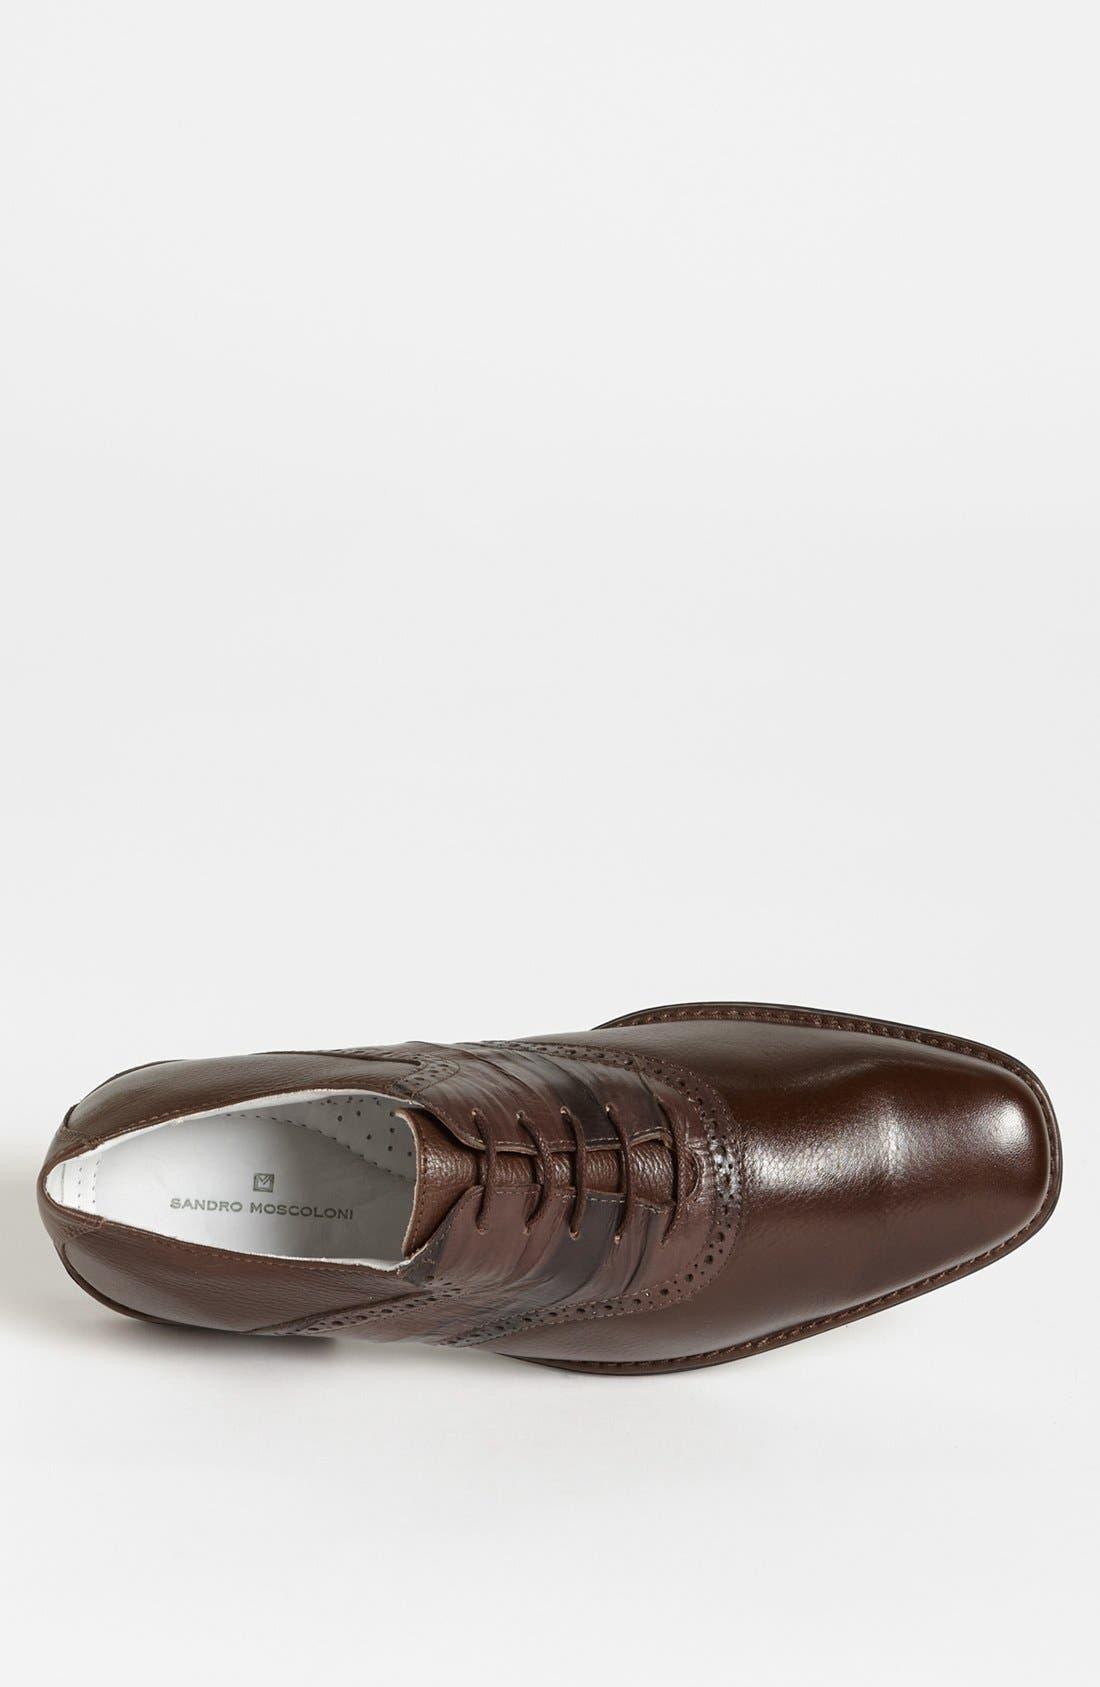 Alternate Image 3  - Sandro Moscoloni 'Kindred' Saddle Shoe